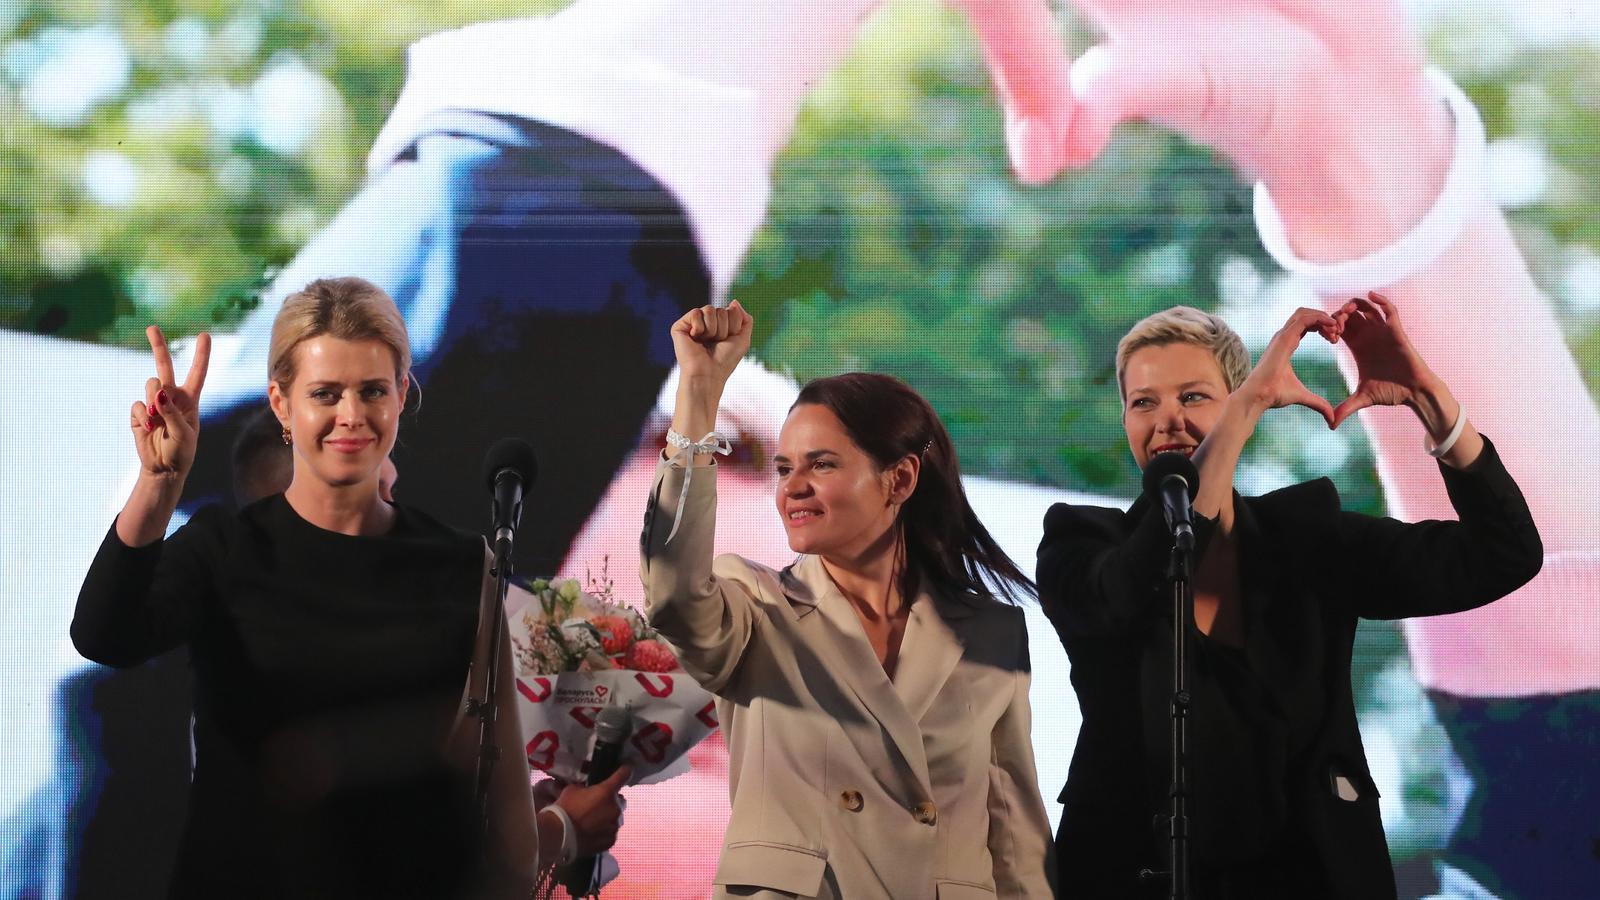 """Veronika Tsapkala : """"Volem que es castigui la gent que ha comès atrocitats a Bielorússia"""""""